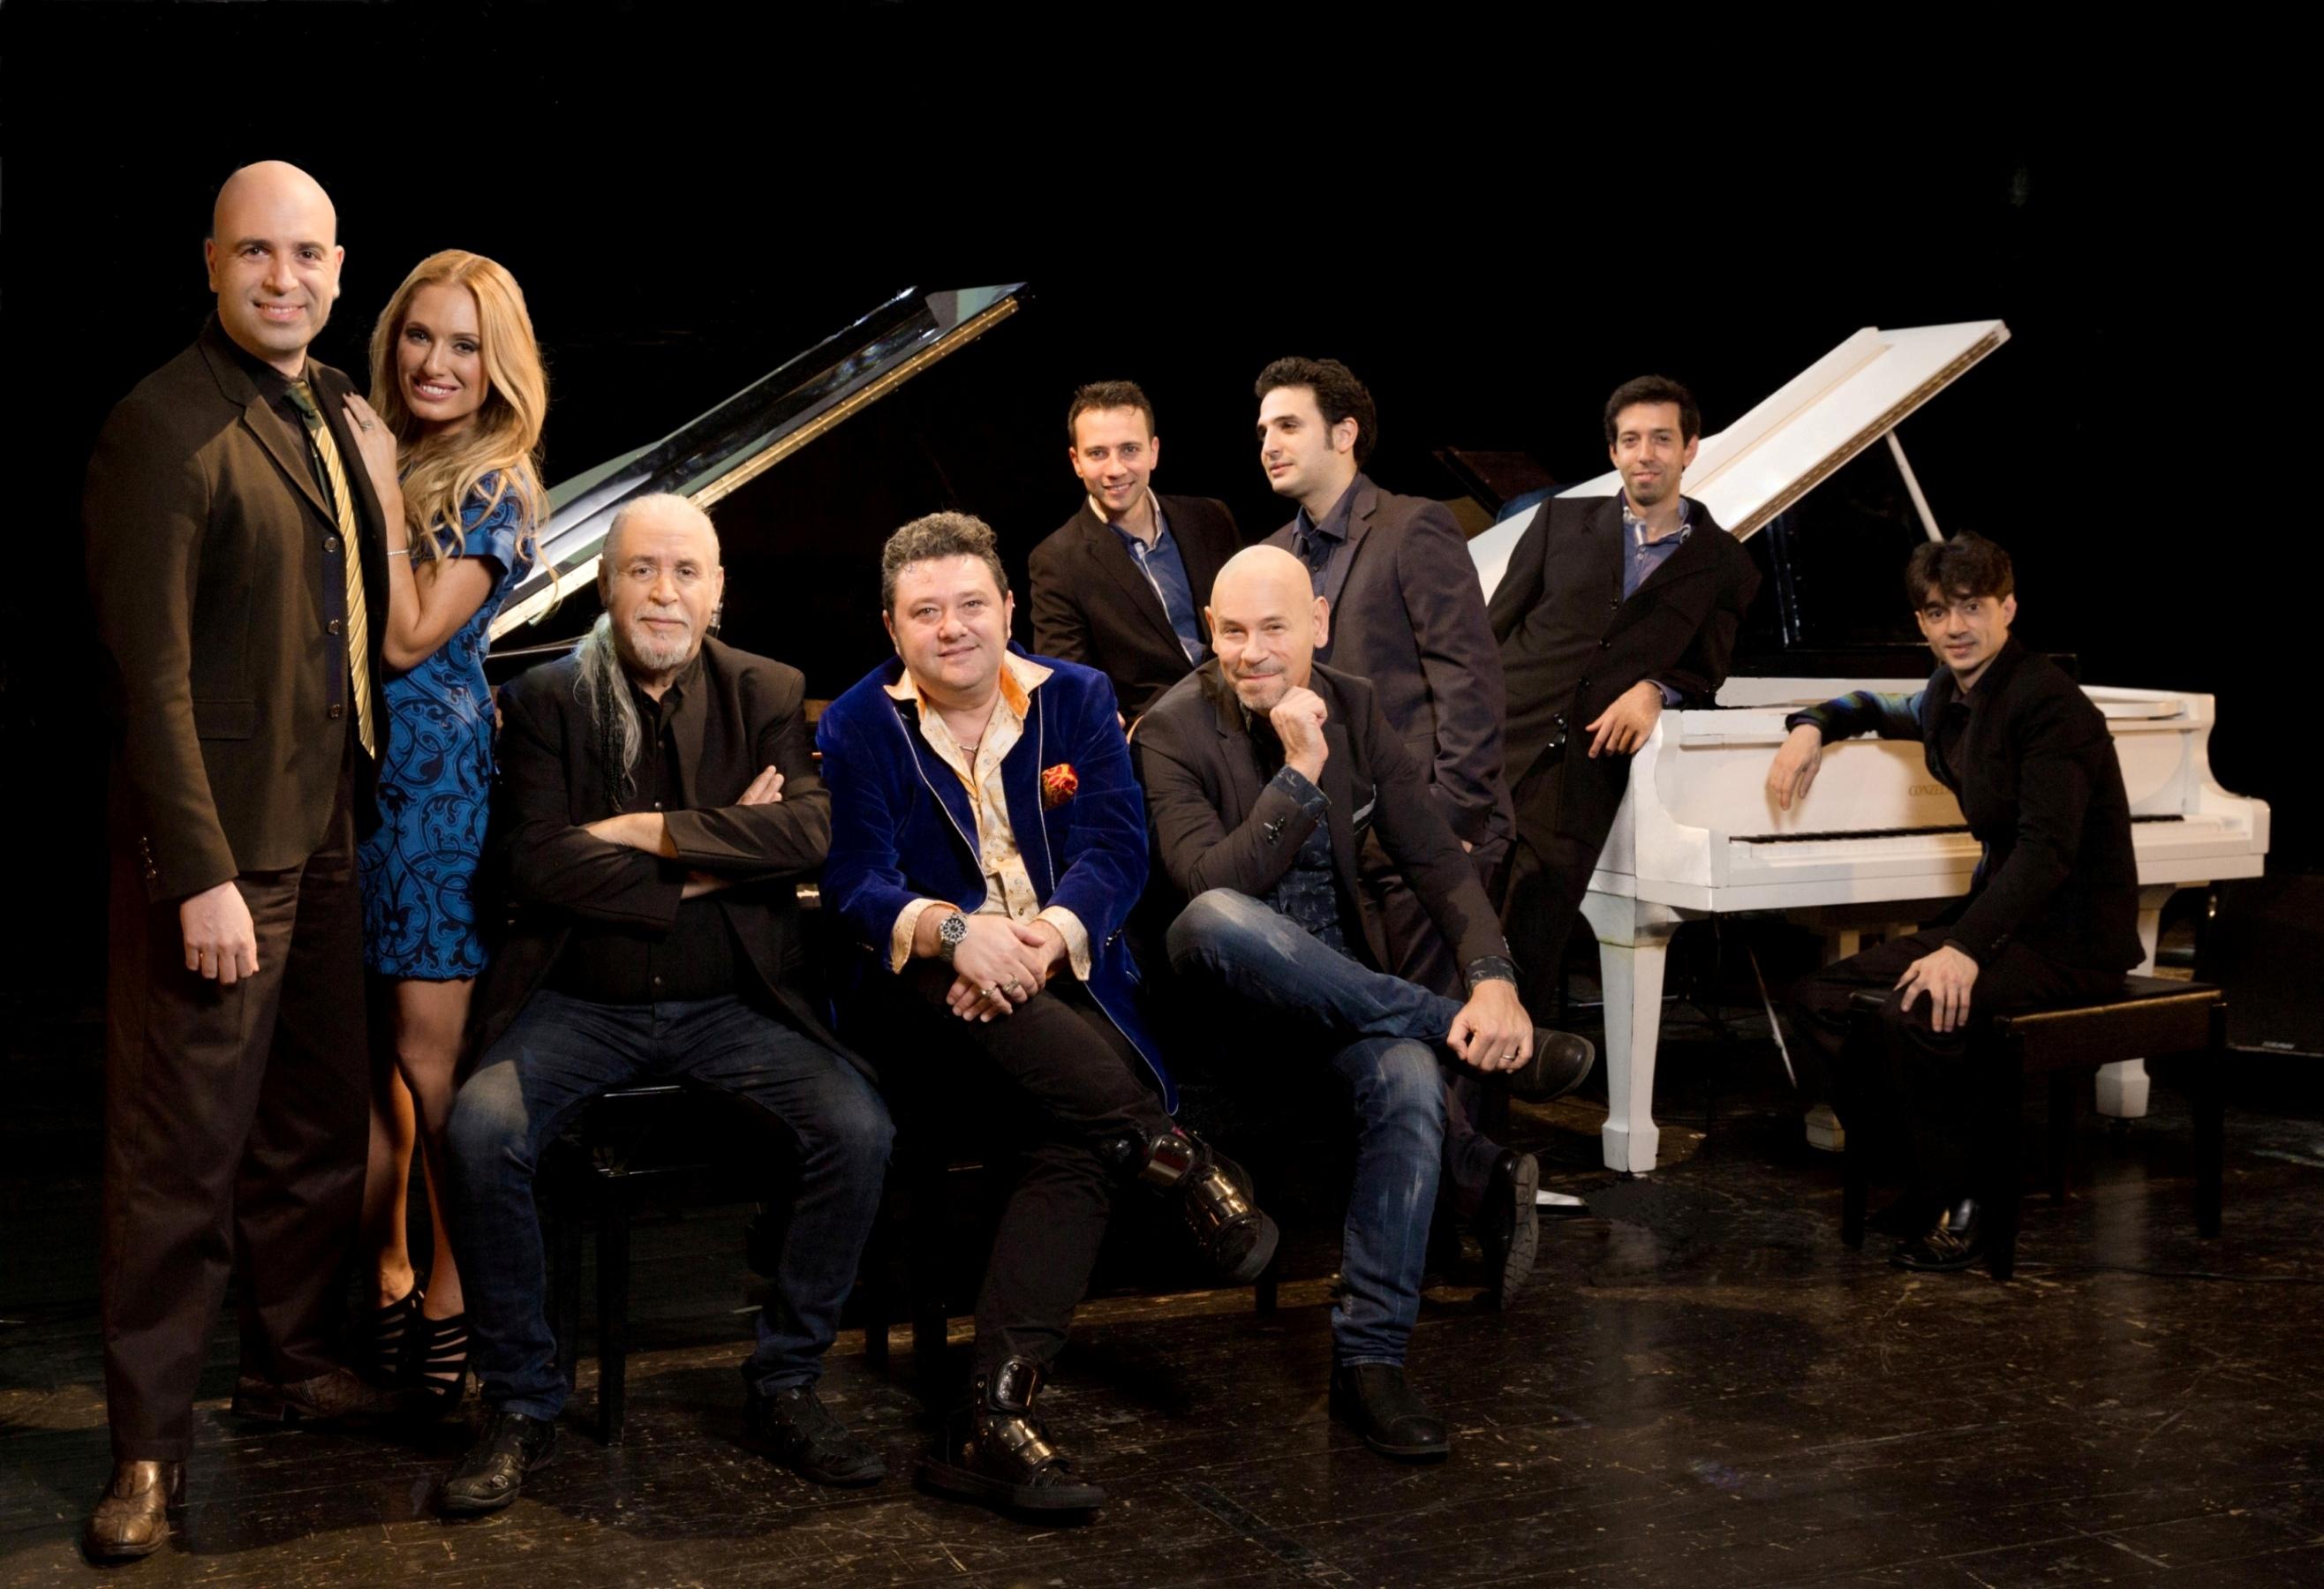 Музыкальная программа «7 роялей на одной сцене» зимой